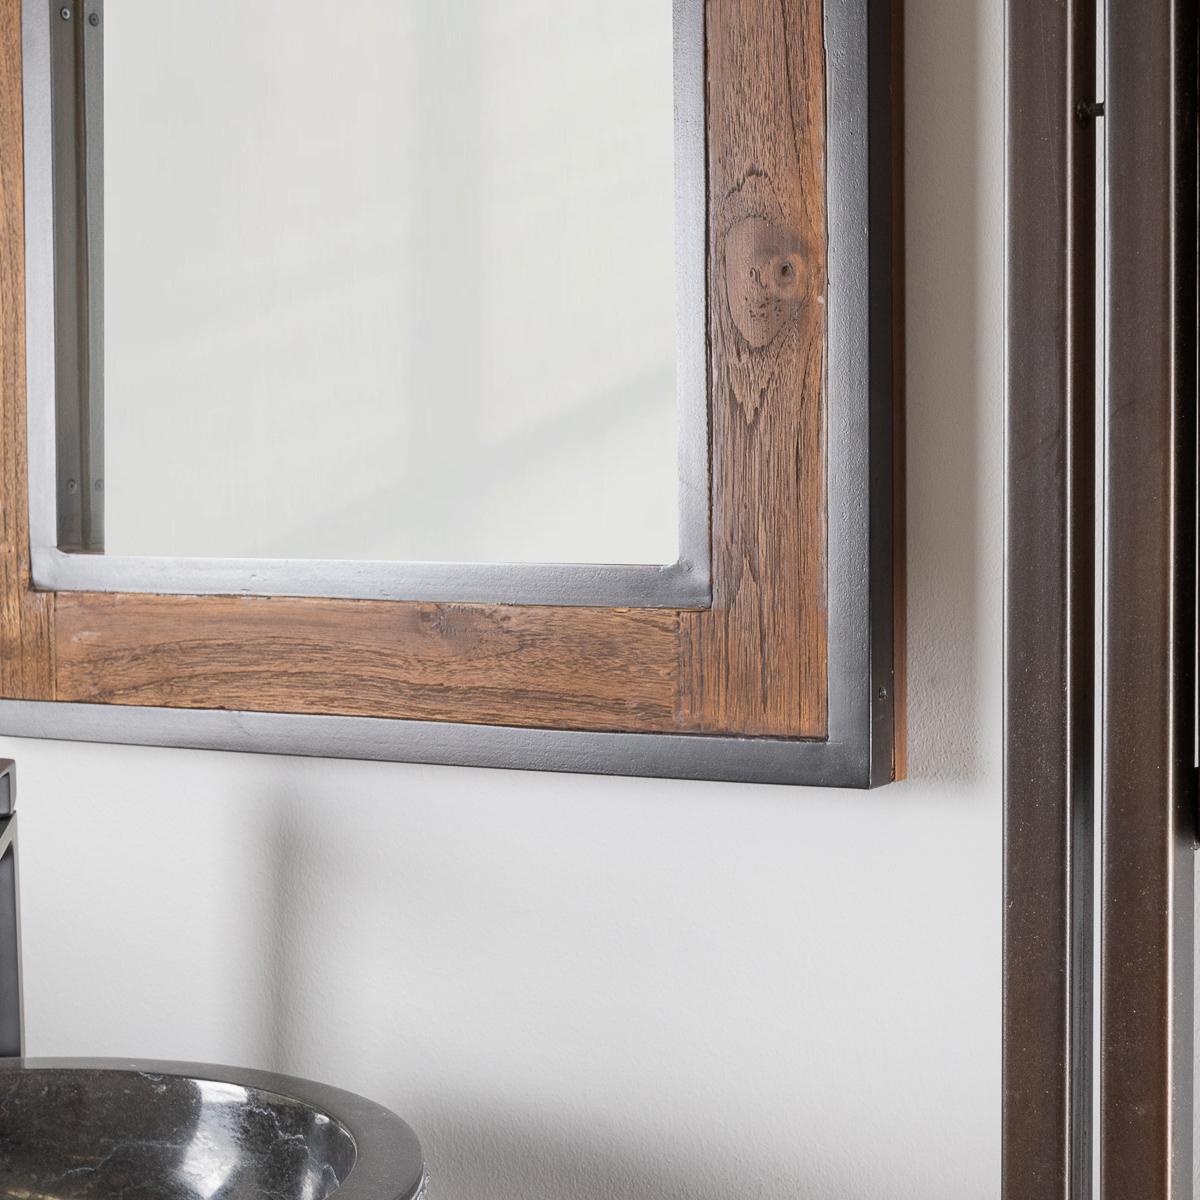 Caillebotis salle de bain bois fauteuil rotin patin et for Caillebotis en bois pour salle de bain